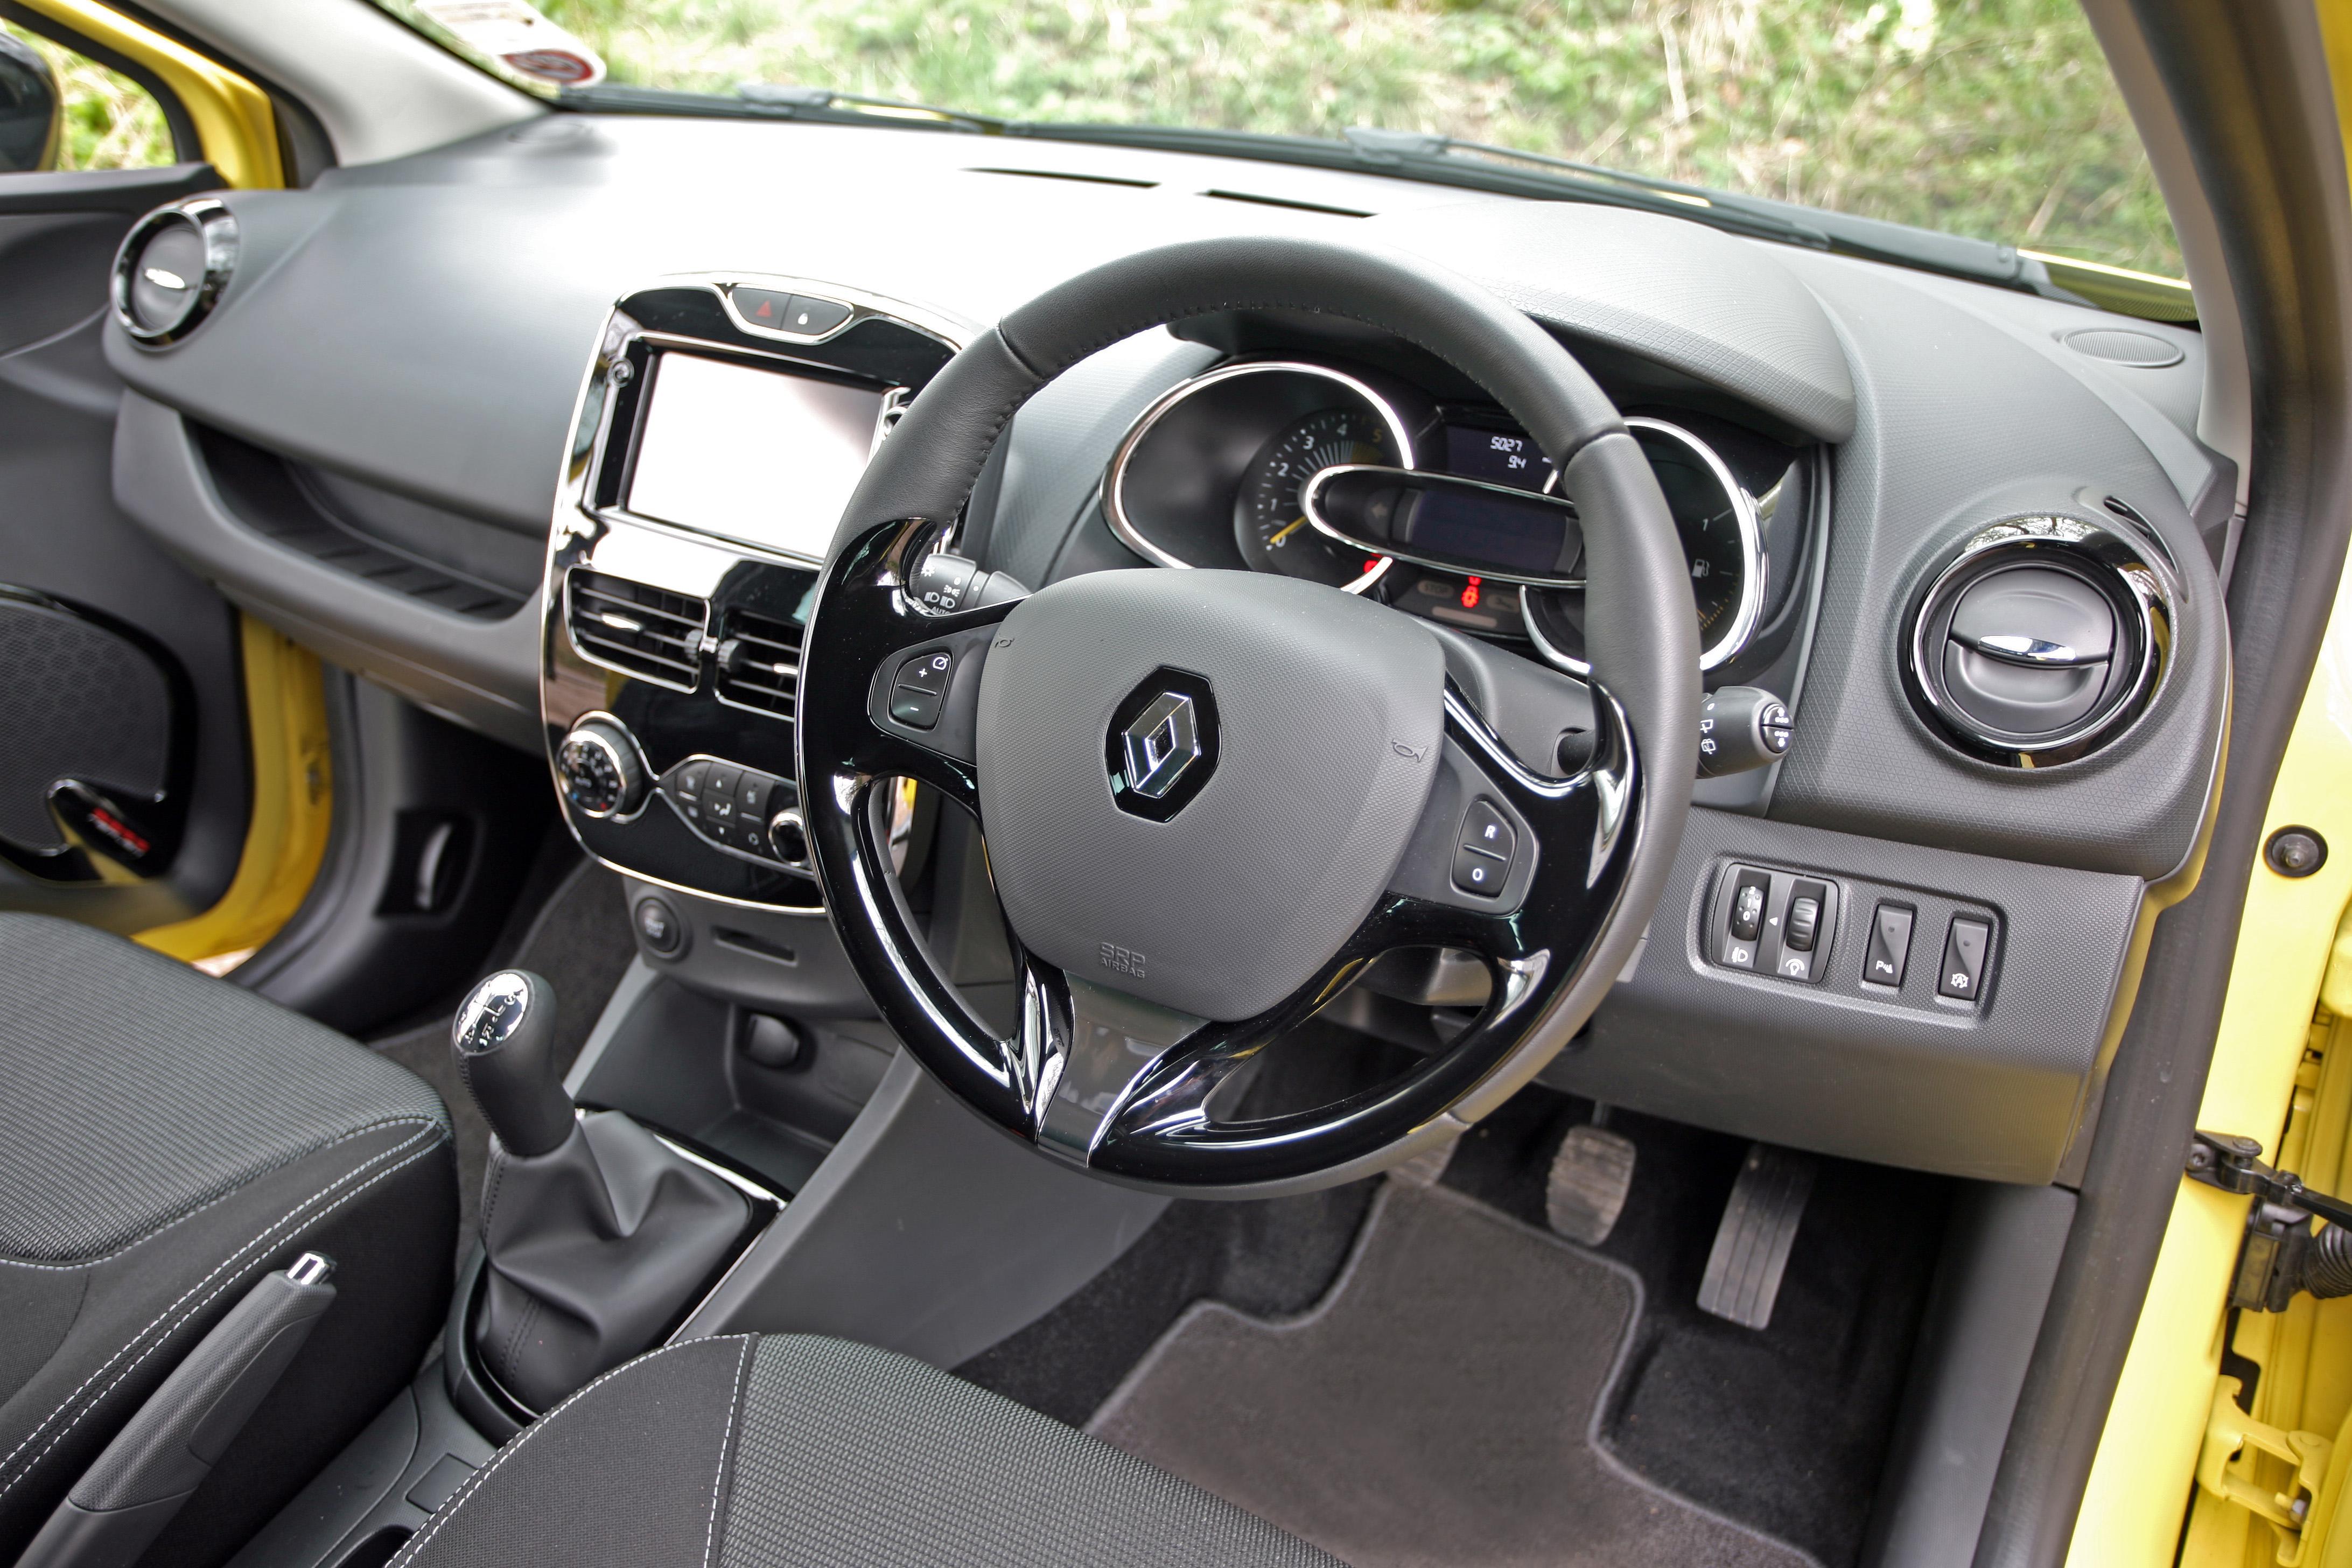 Renault Clio Intelligent Instructor Intelligent Instructor